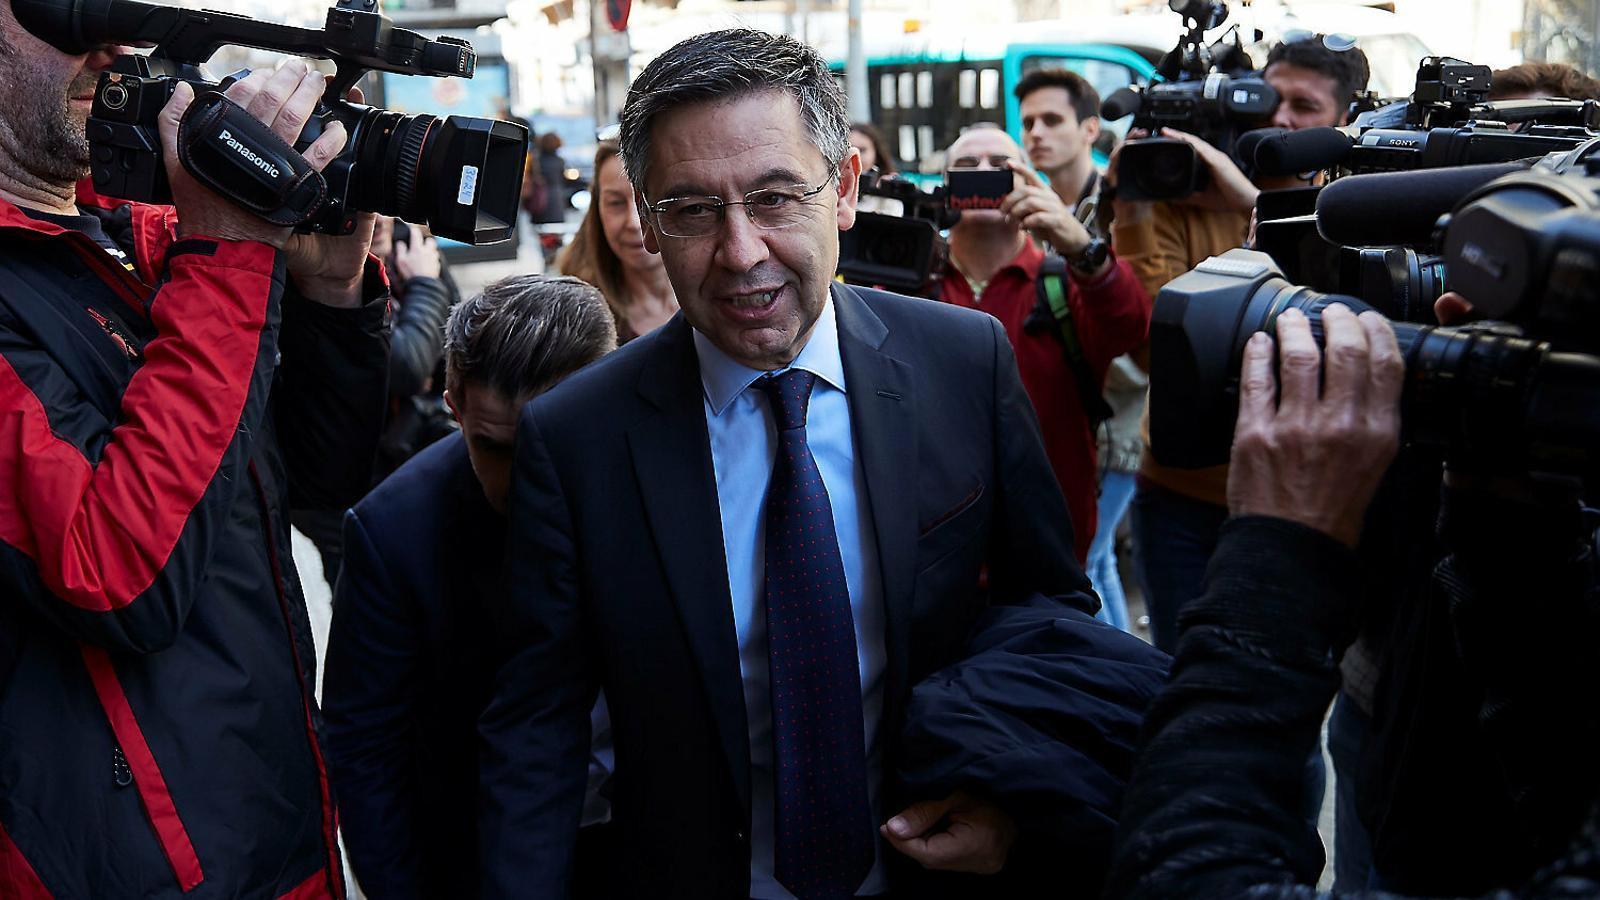 El Barça proposa ara posar les urnes del vot de censura només al Camp Nou